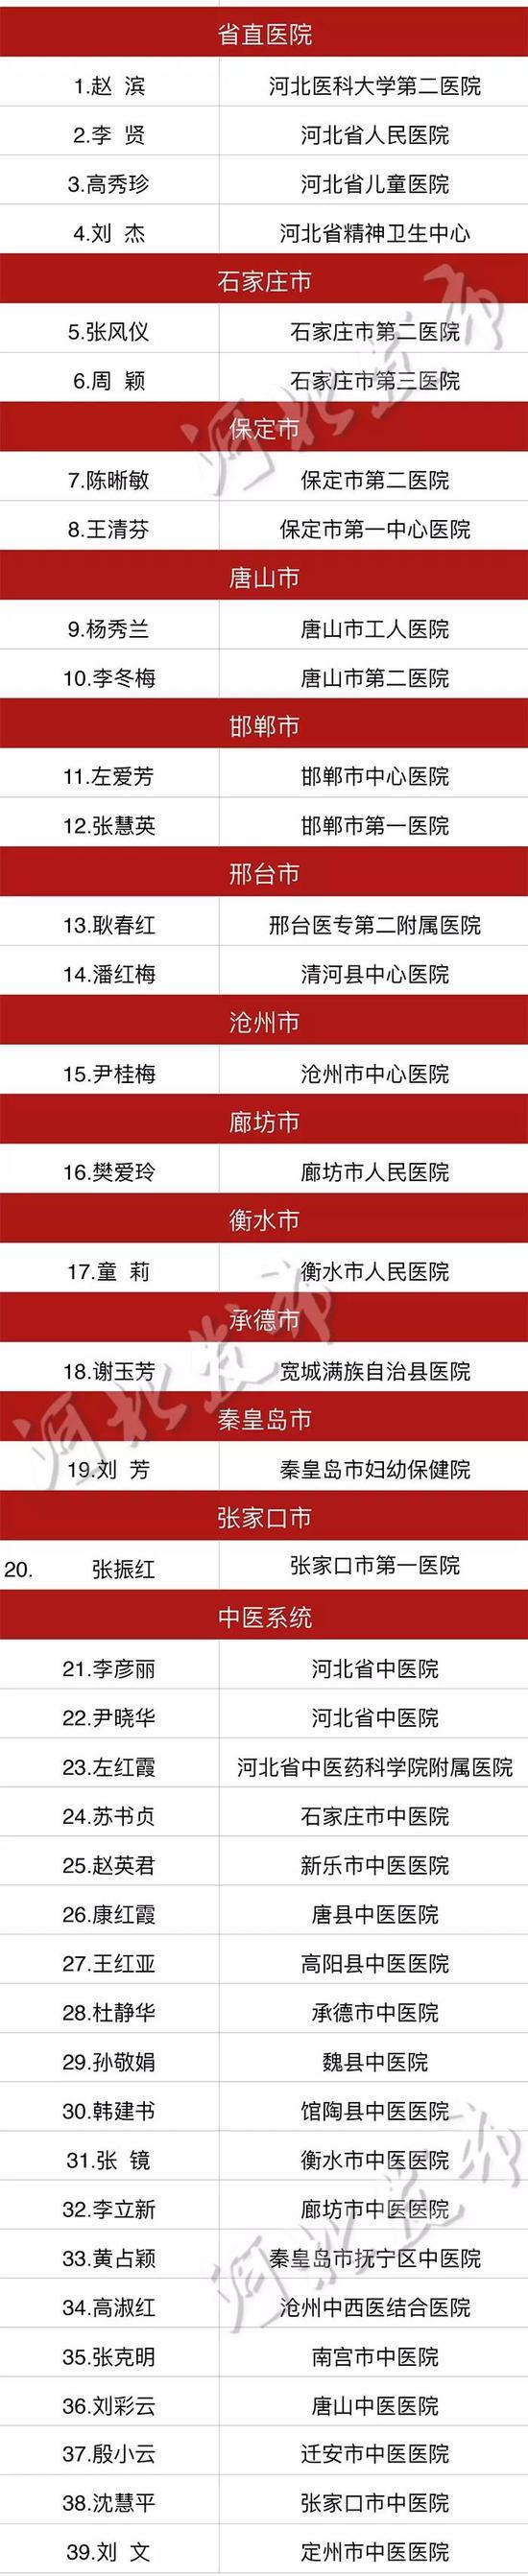 河北省护理工作先进个人(临床岗位)名单